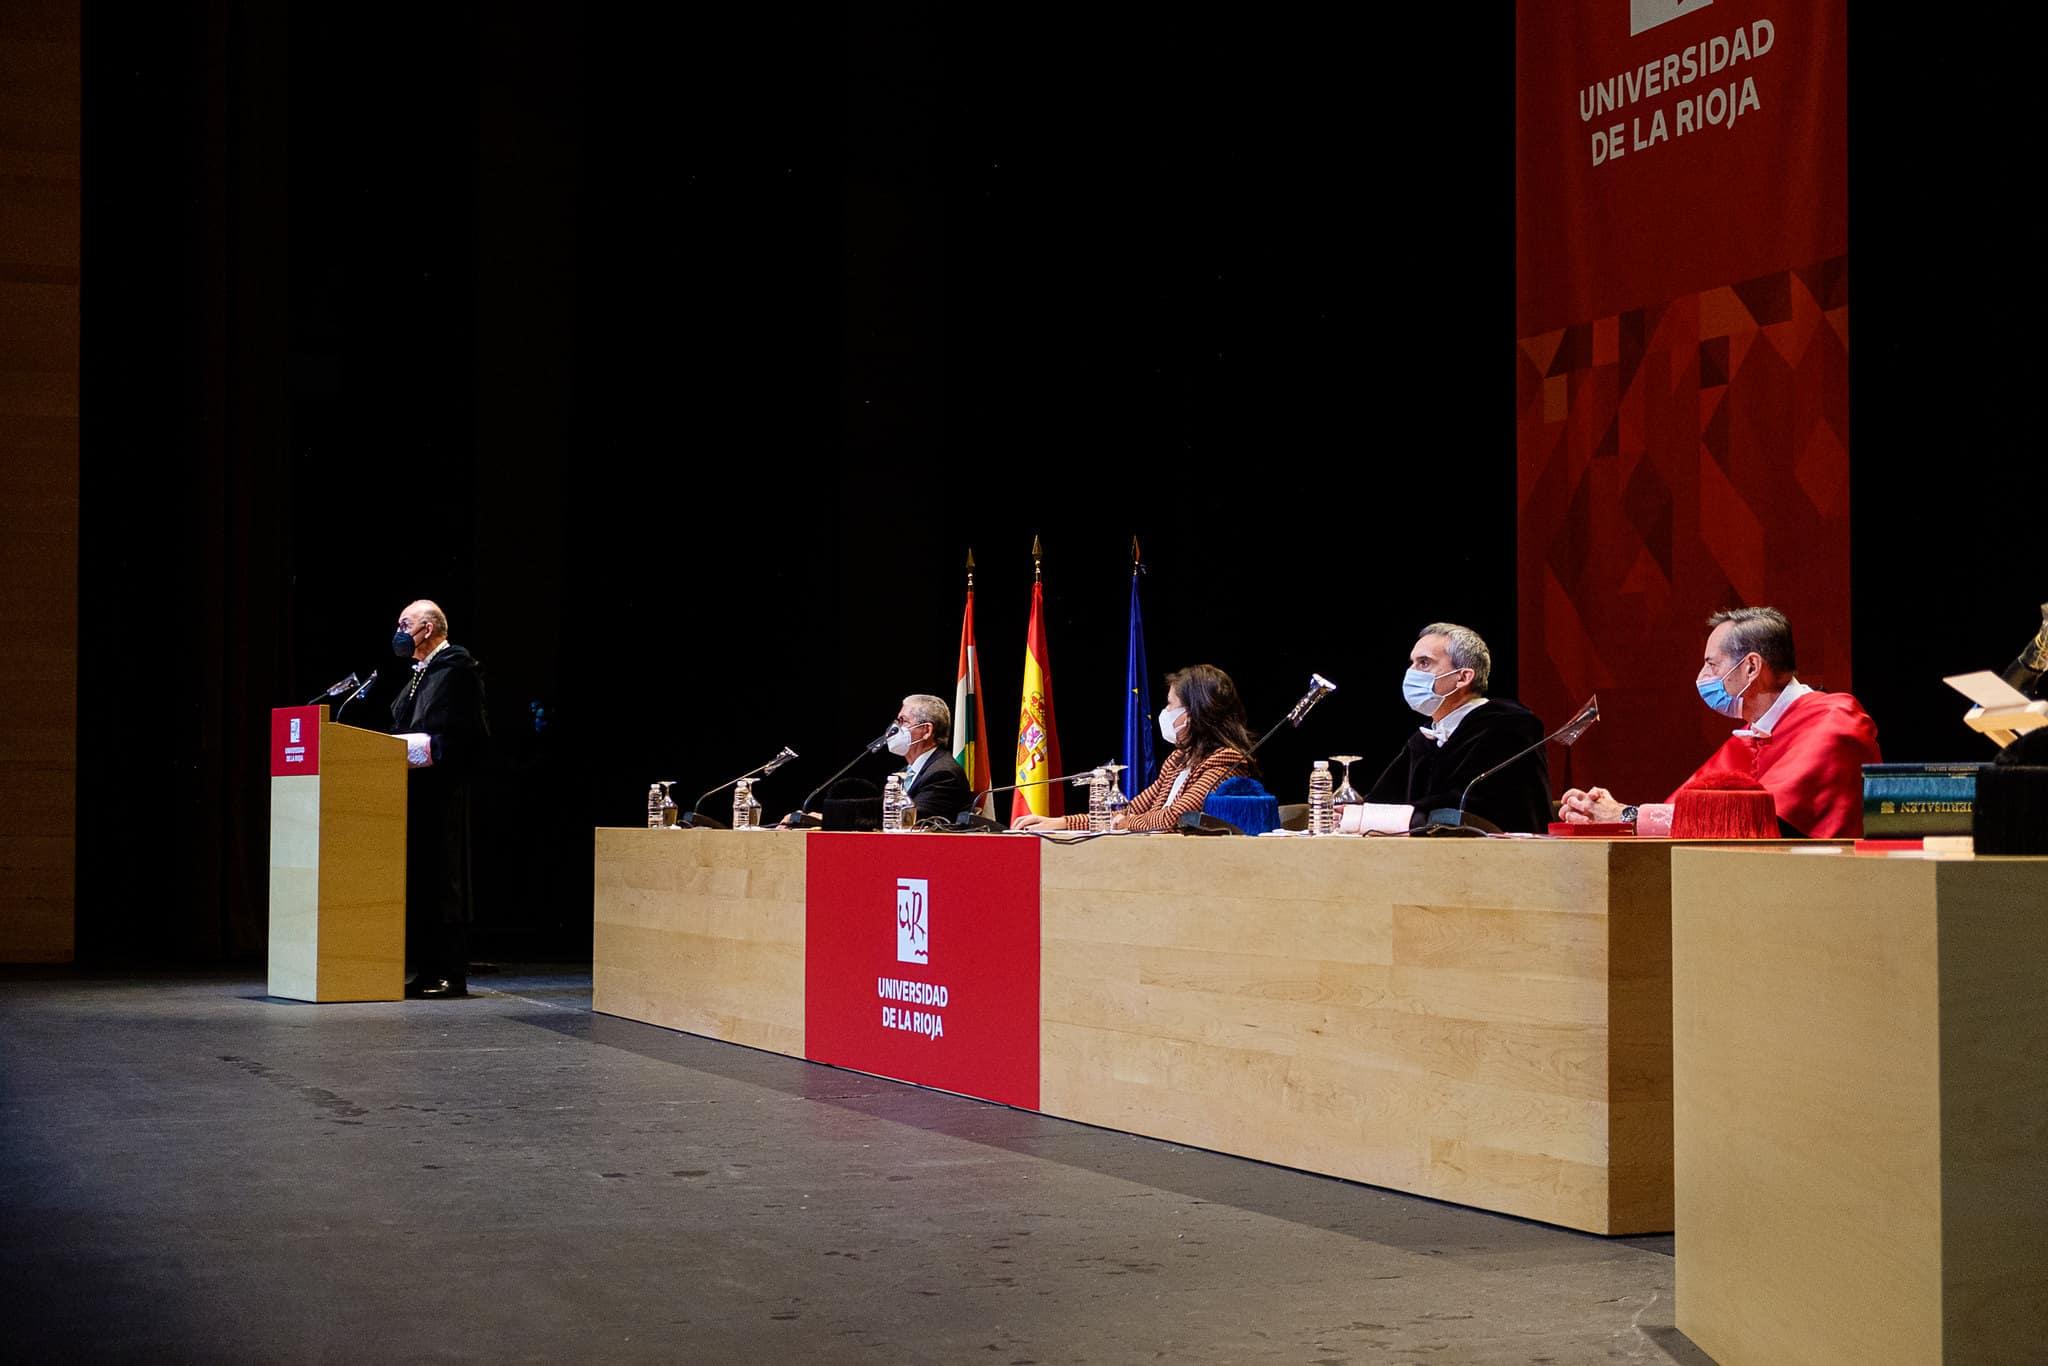 """Ayala ya es rector de la UR: """"Hay que convertir a la universidad en uno de los principales motores del desarrollo de La Rioja"""" 8"""